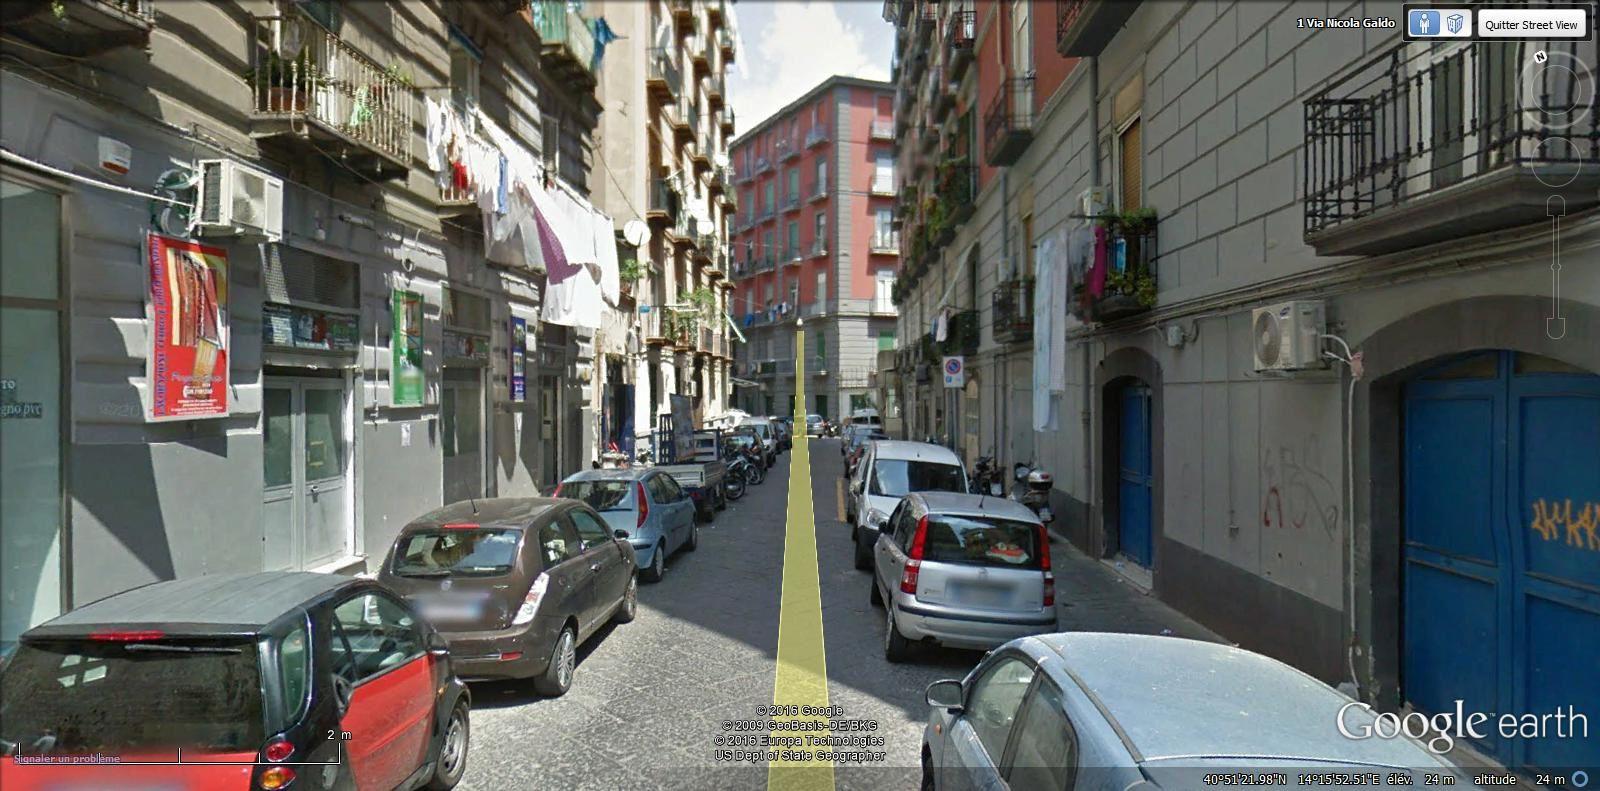 via Nicolà Galdo